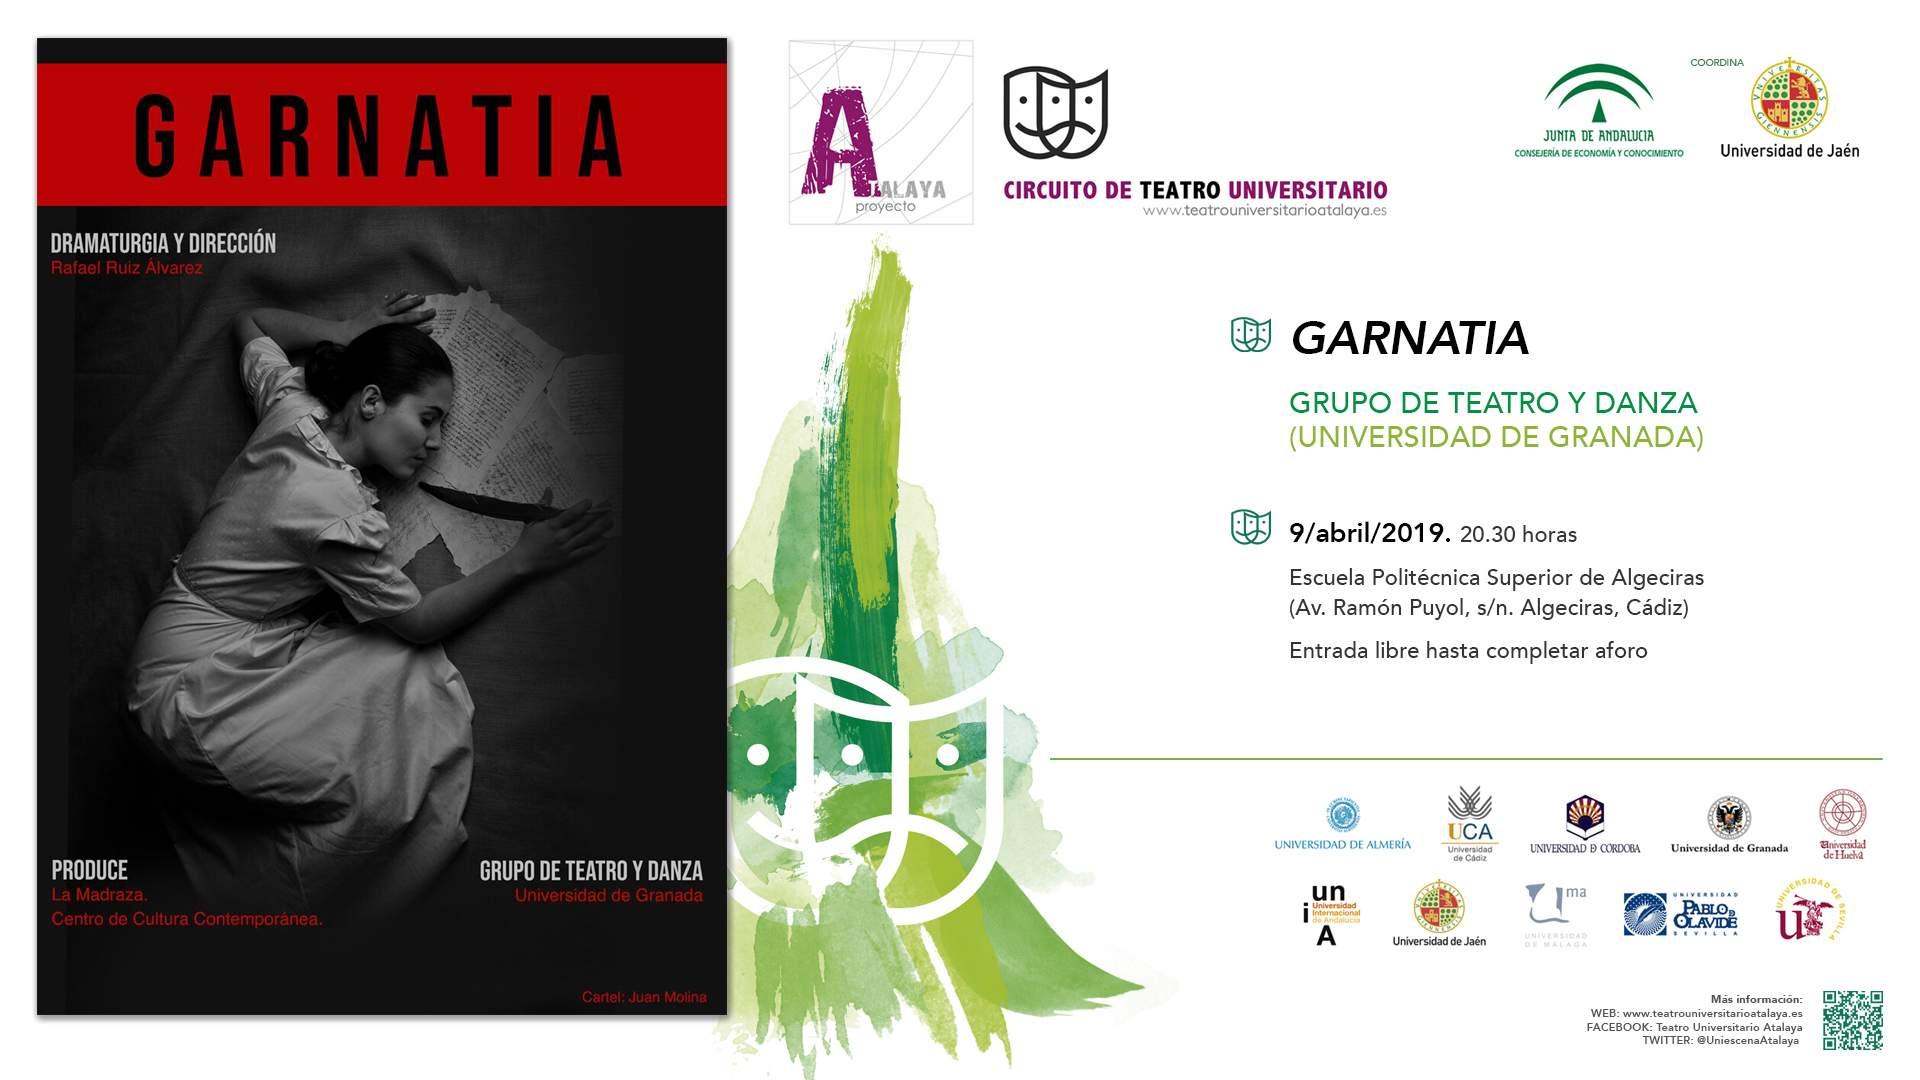 """El Grupo de Teatro y Danza de la Universidad de Granada estrena """"Garnatia"""" en la UCA"""